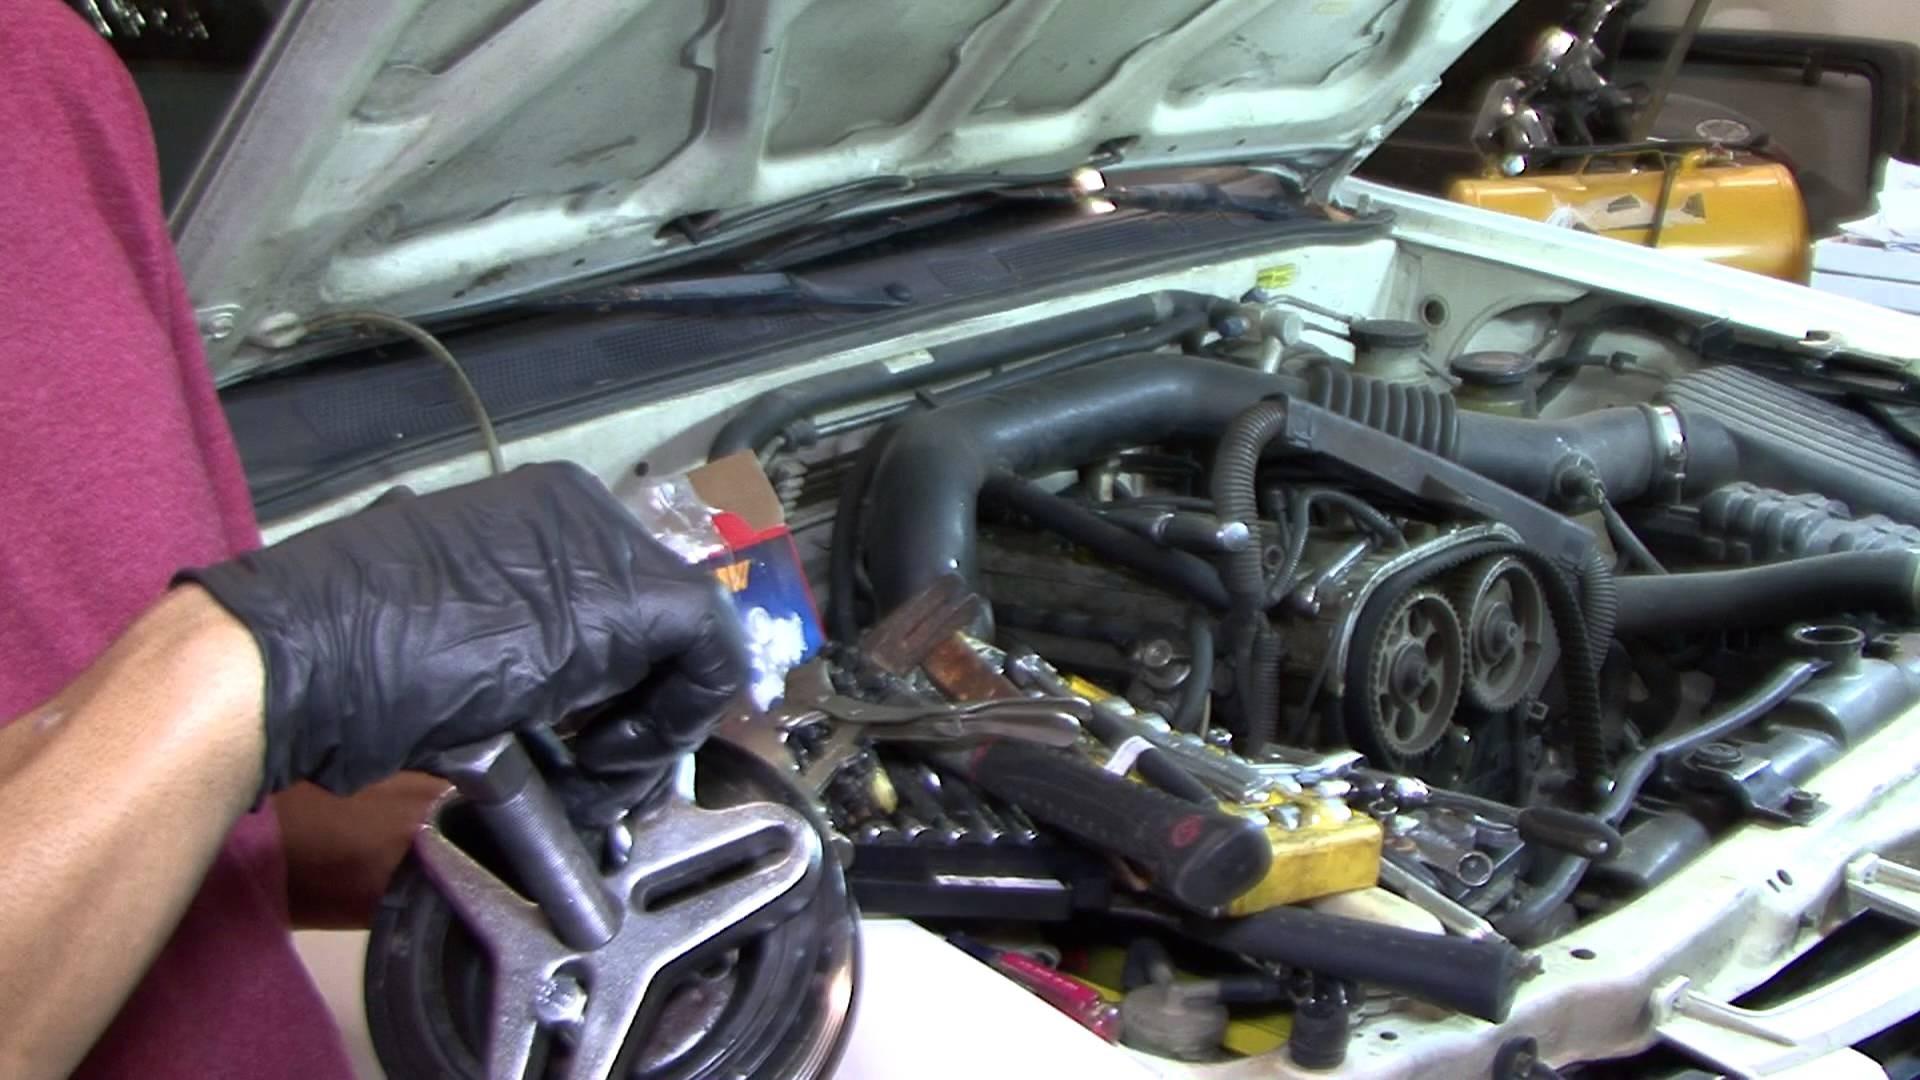 1996 isuzu Rodeo Engine Diagram isuzu Rodeo Pulley Removal for Timing Of 1996 isuzu Rodeo Engine Diagram